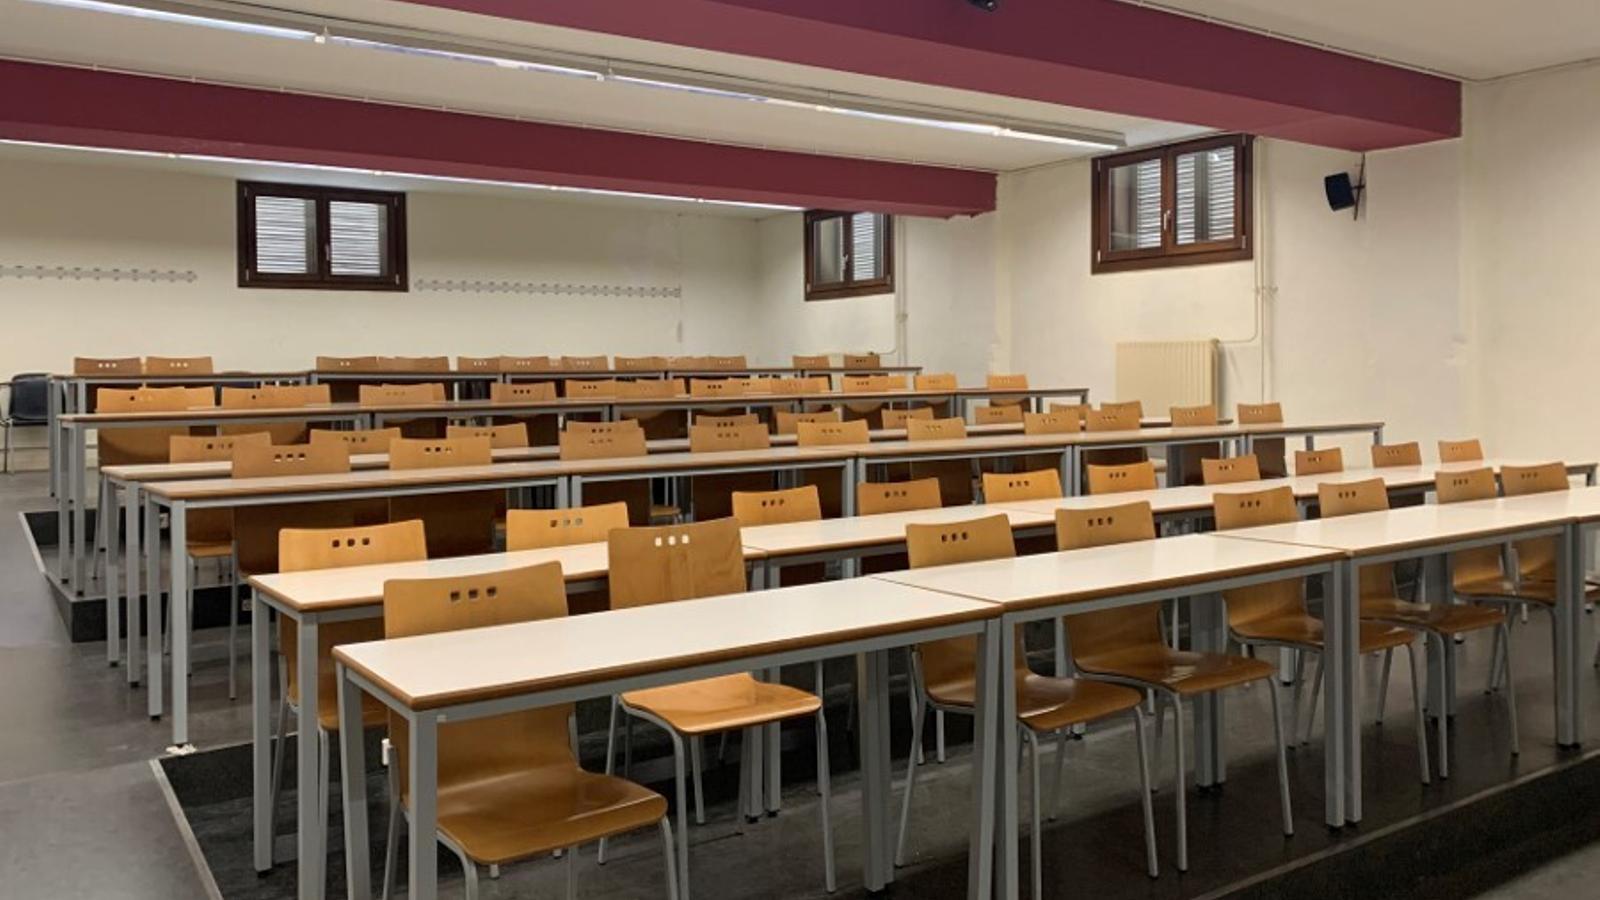 """El curs que ve a la universitat: classes presencials """"restringides"""", mascareta i distància mínima"""